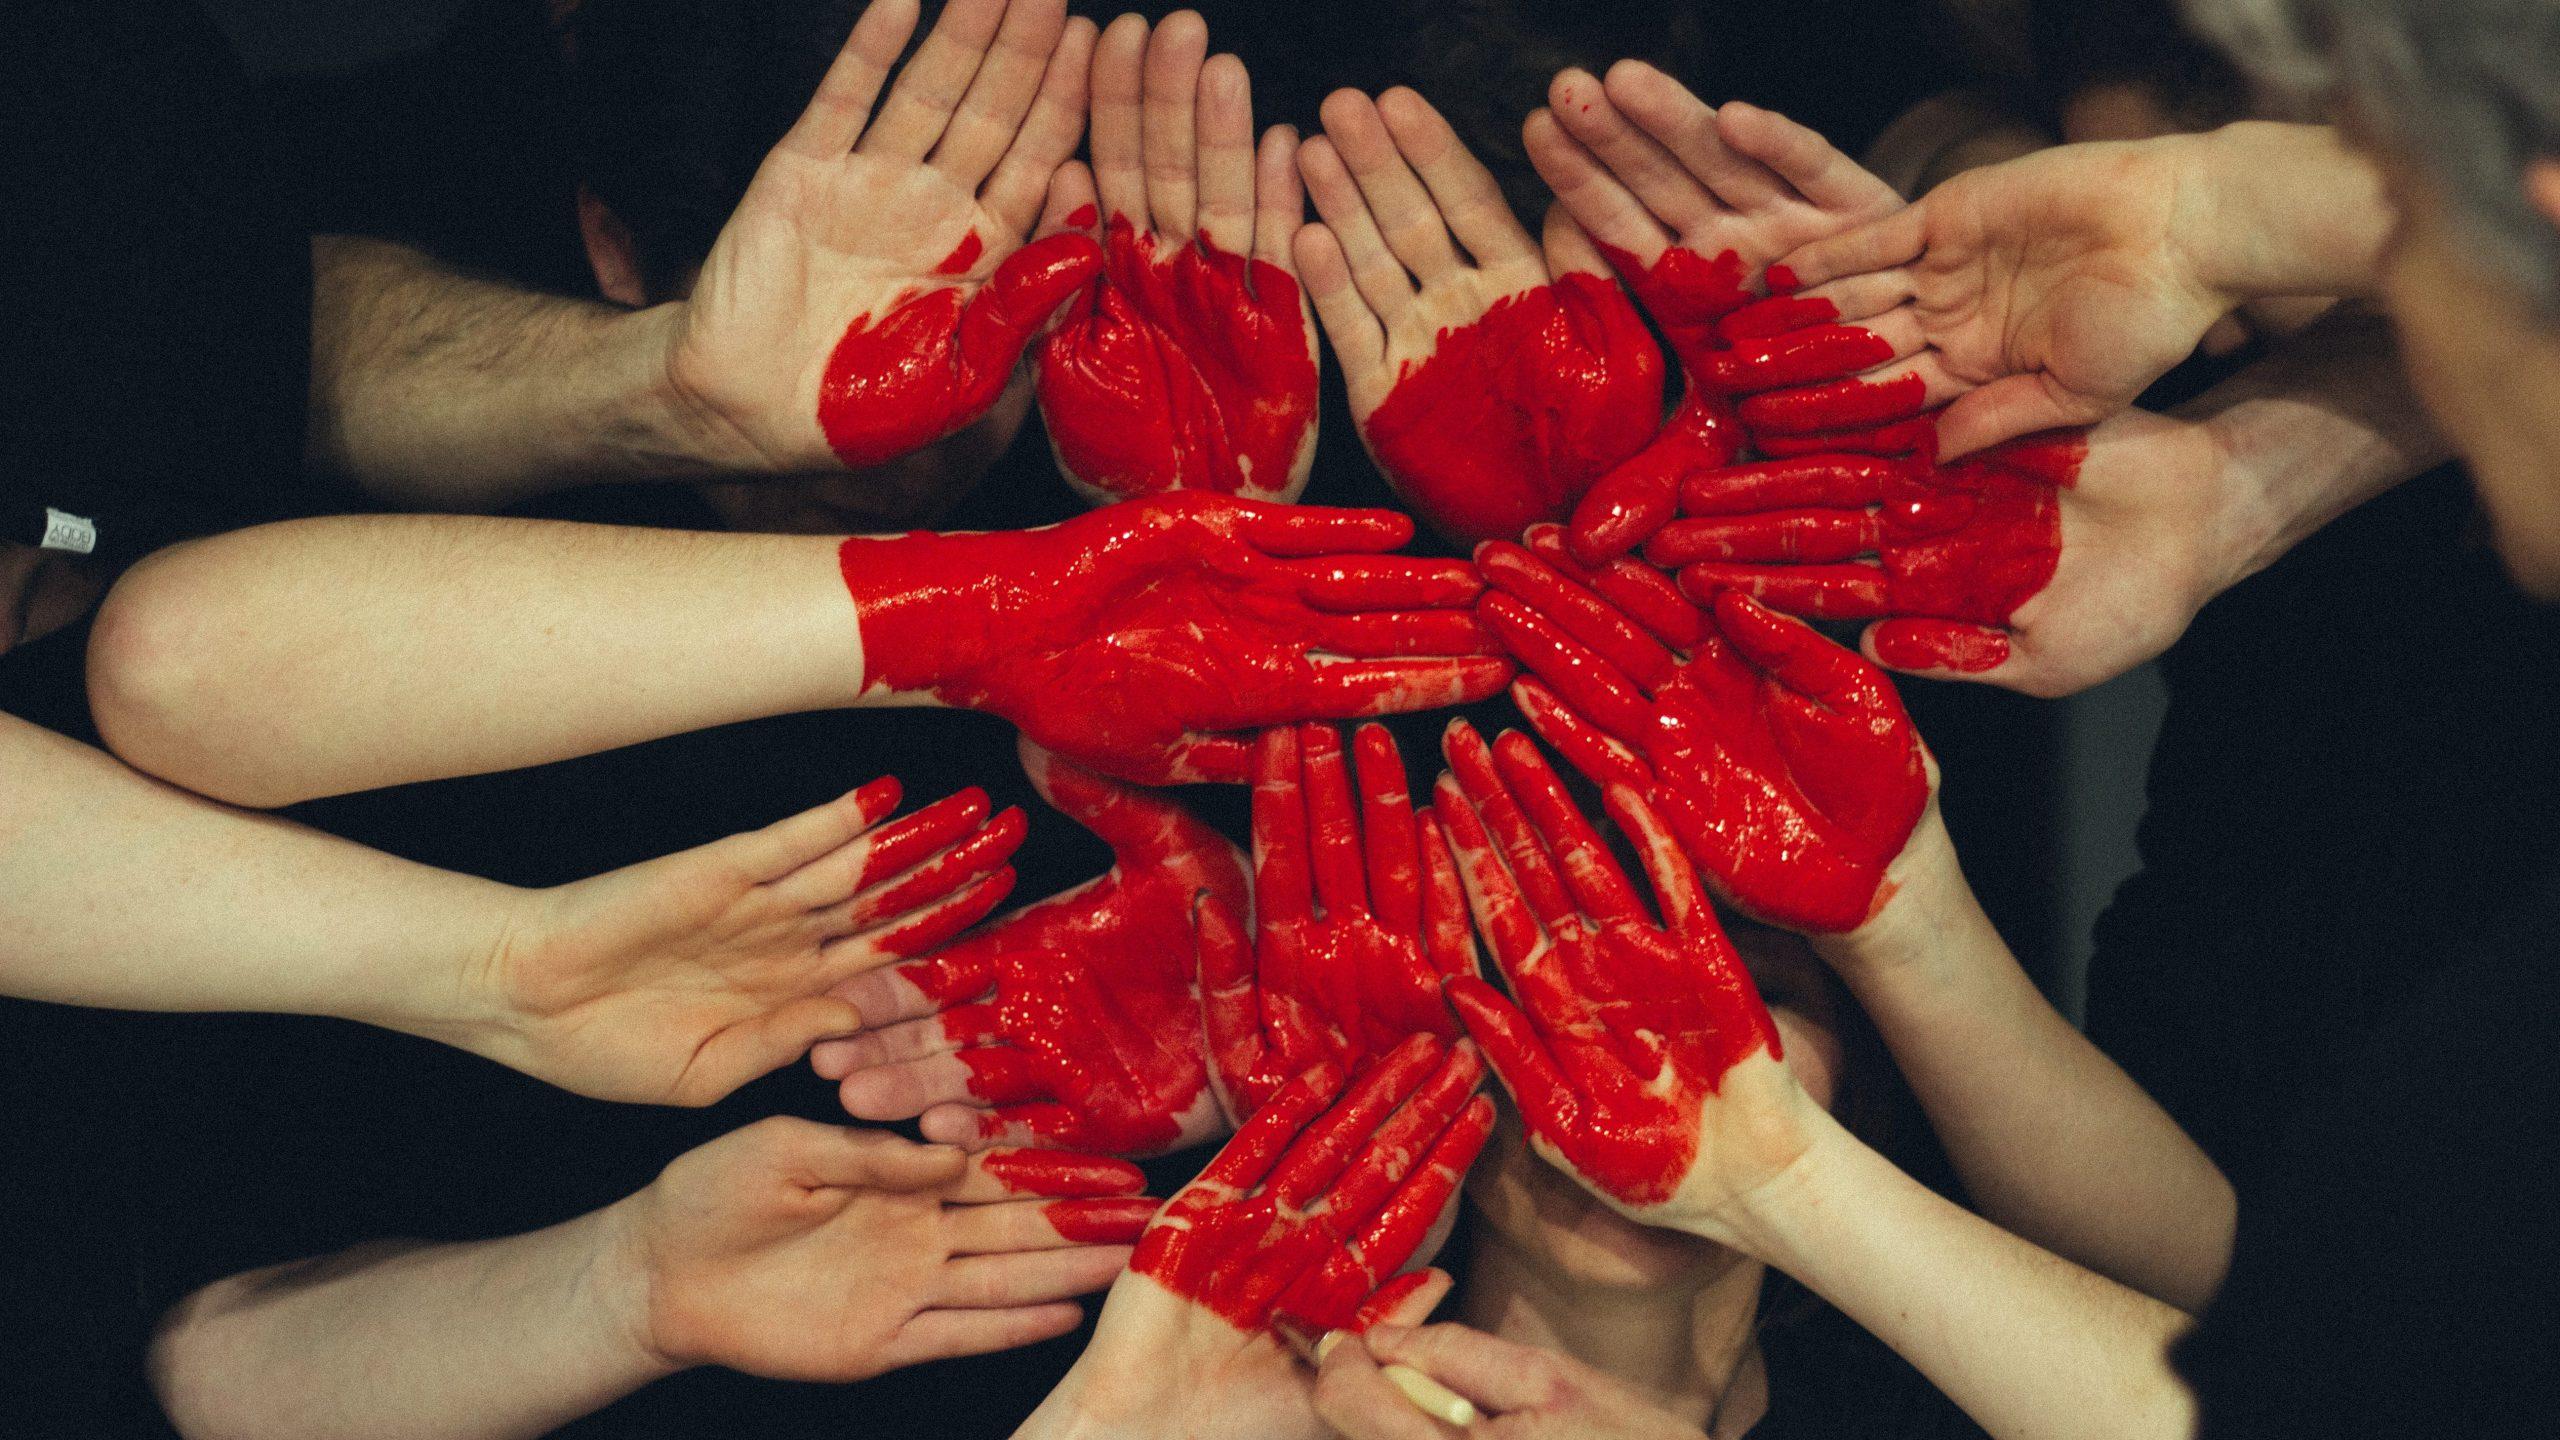 Hausmittel gegen Regelschmerzen Menstruationsbeschwerden